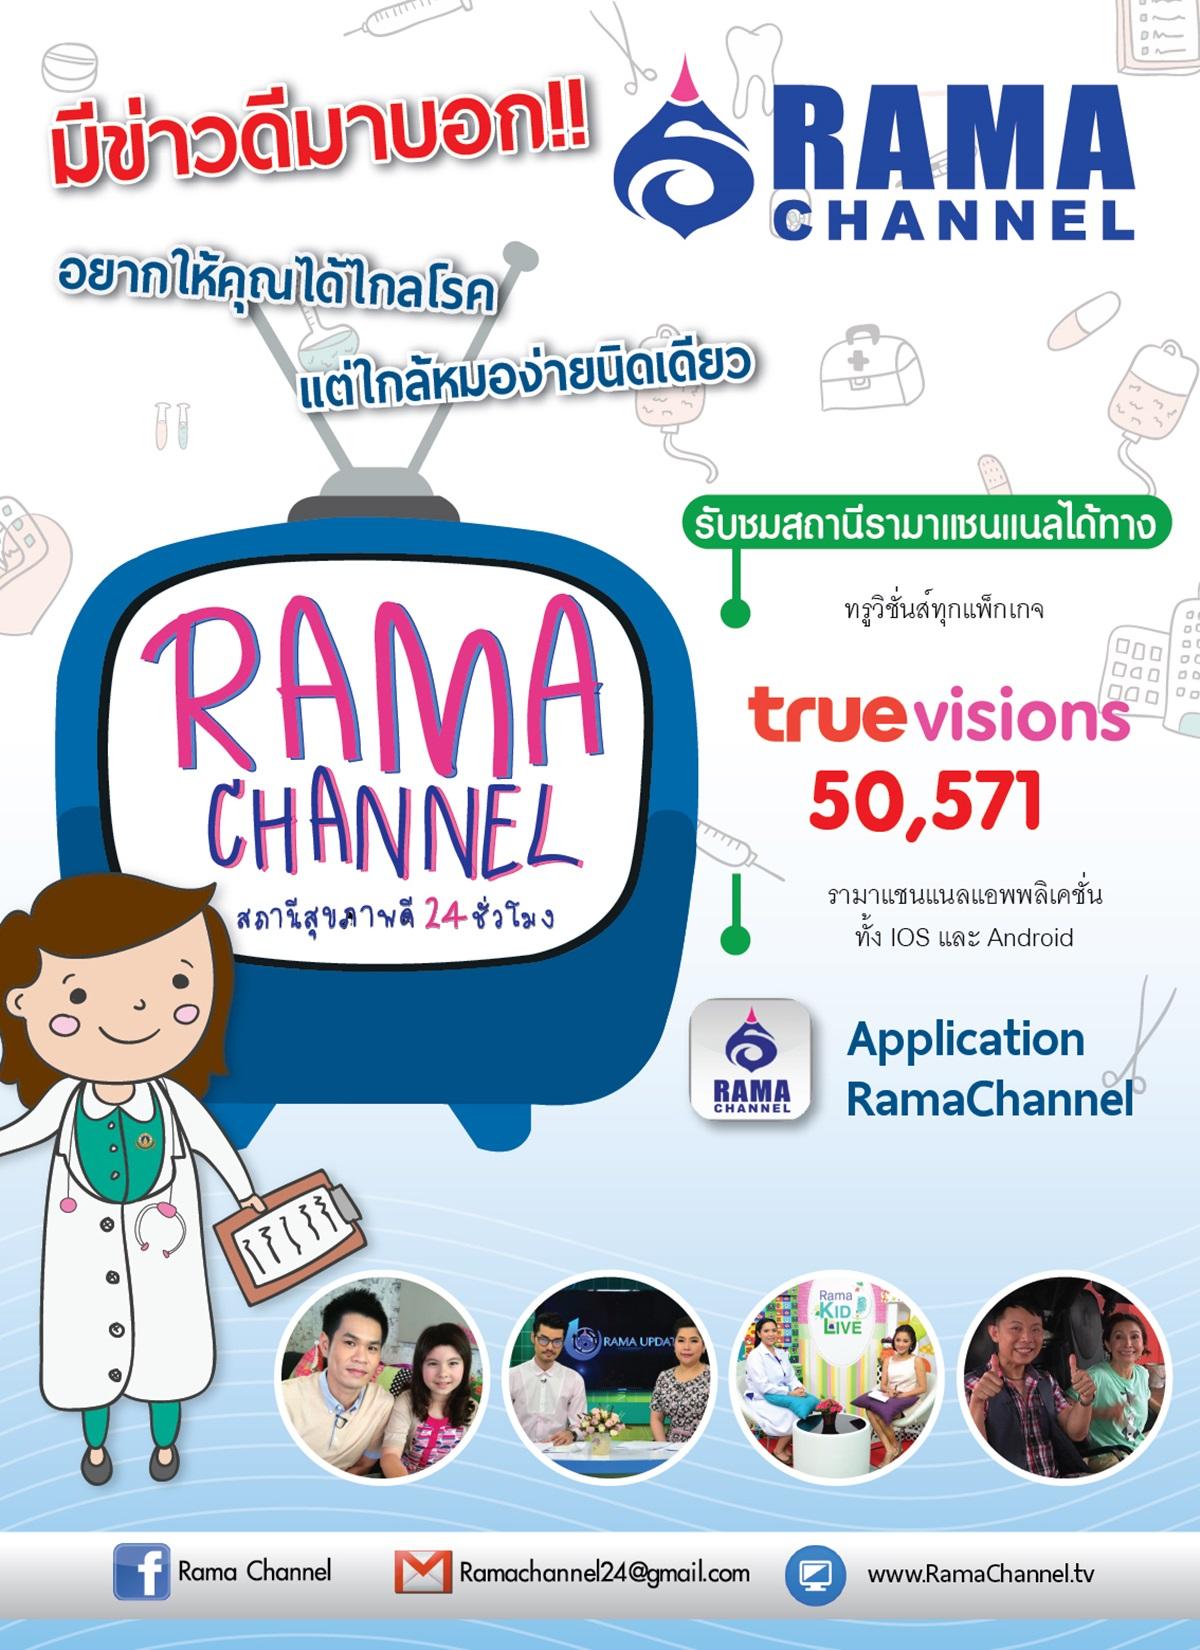 ช่องทางการรับชมสถานี Rama Channel